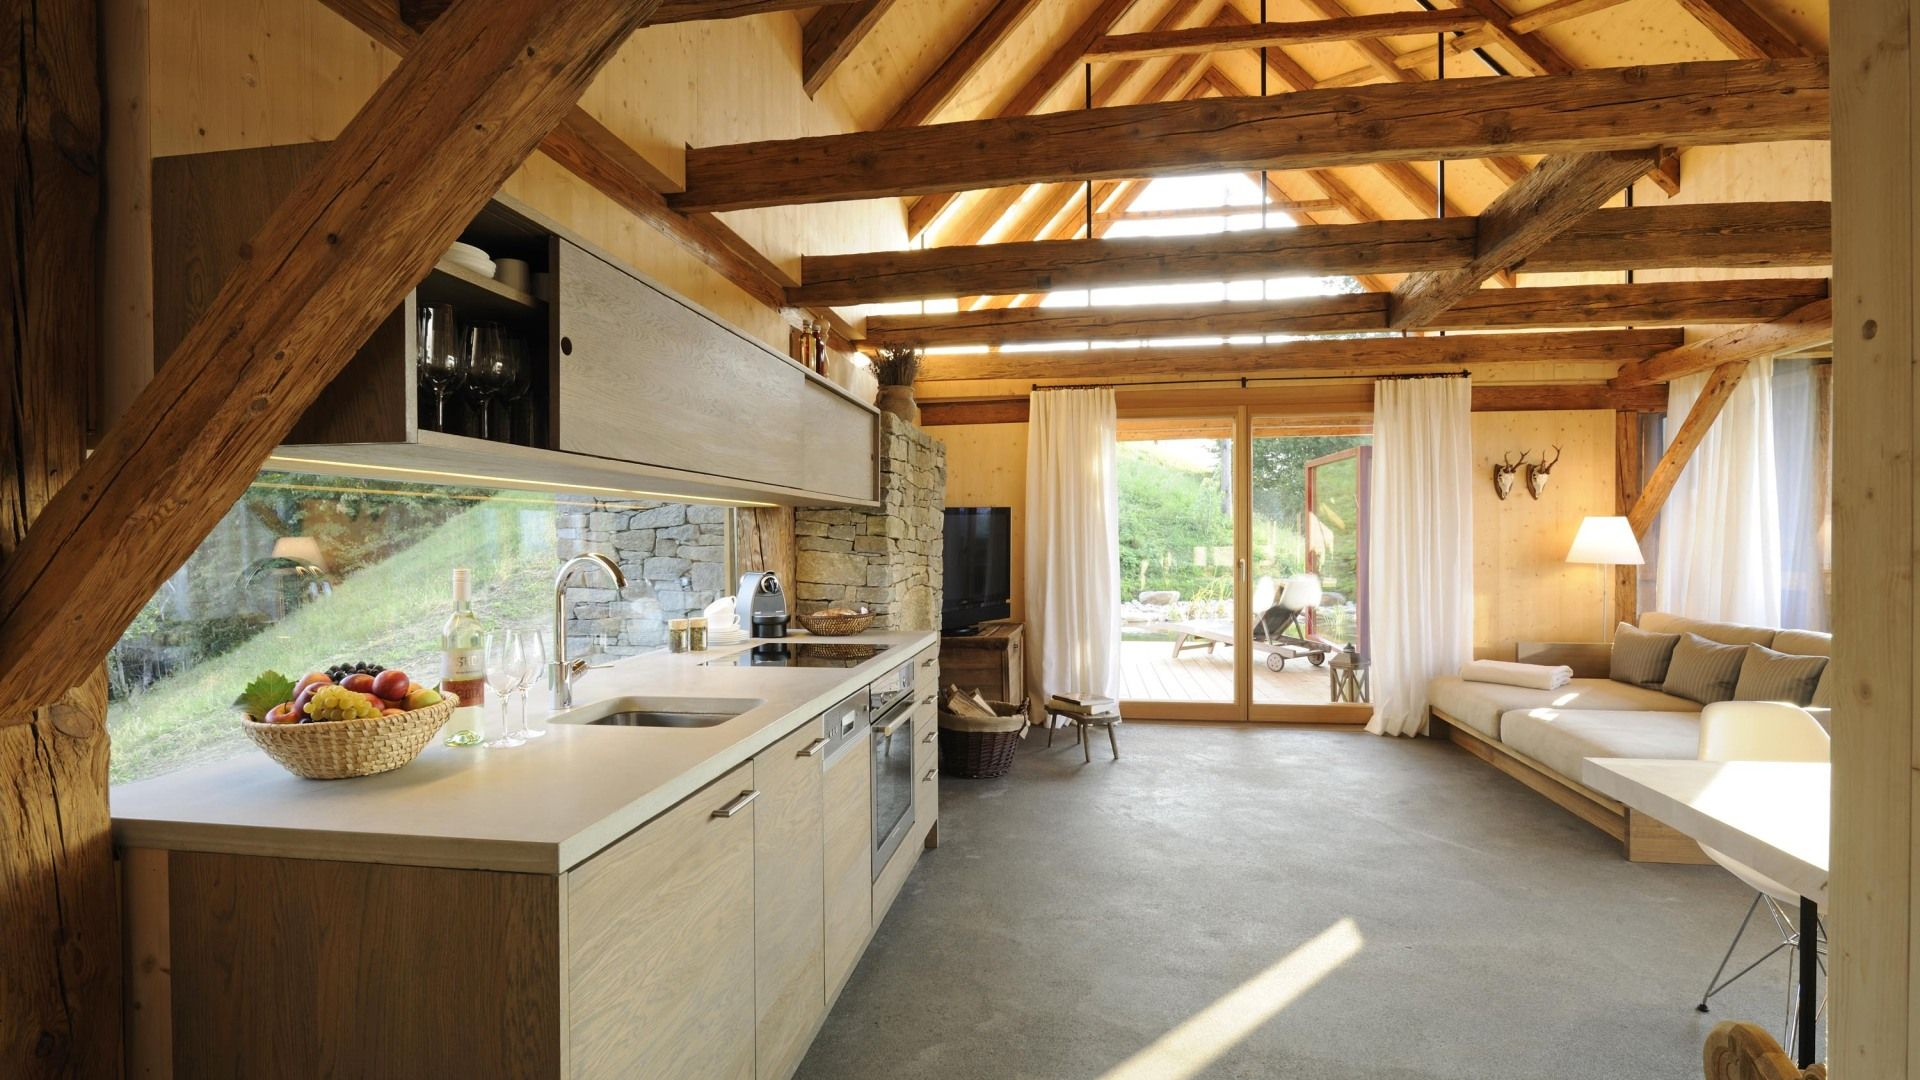 eine offene k che und ein betonboden in einem alten stadl eine bessere kombination f r einen. Black Bedroom Furniture Sets. Home Design Ideas